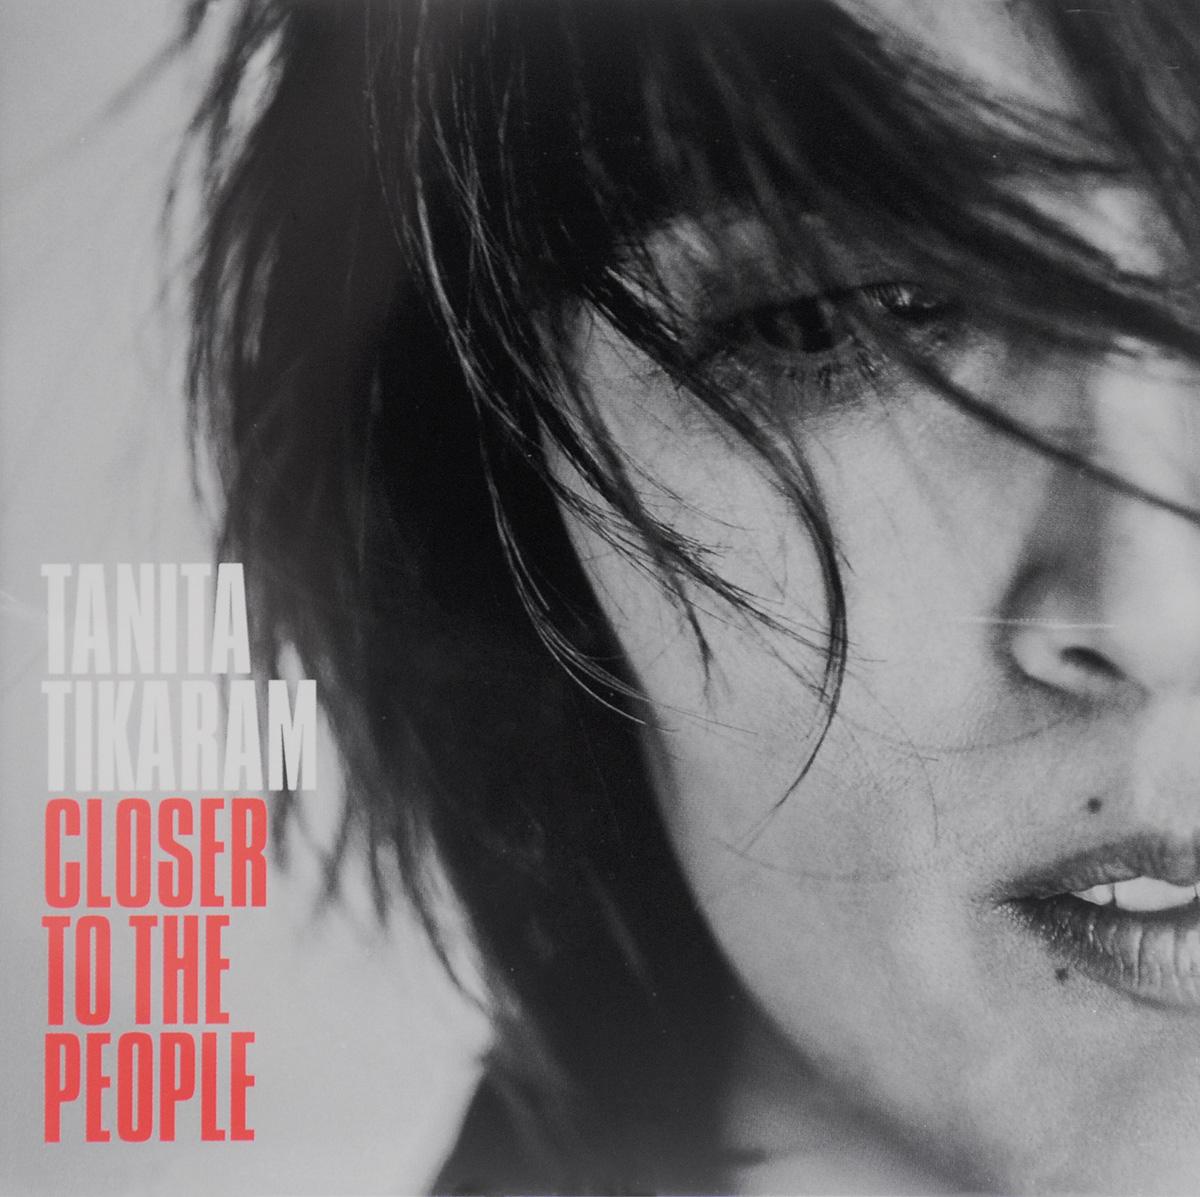 Танита Тикарам Tanita Tikaram. Closer To The People